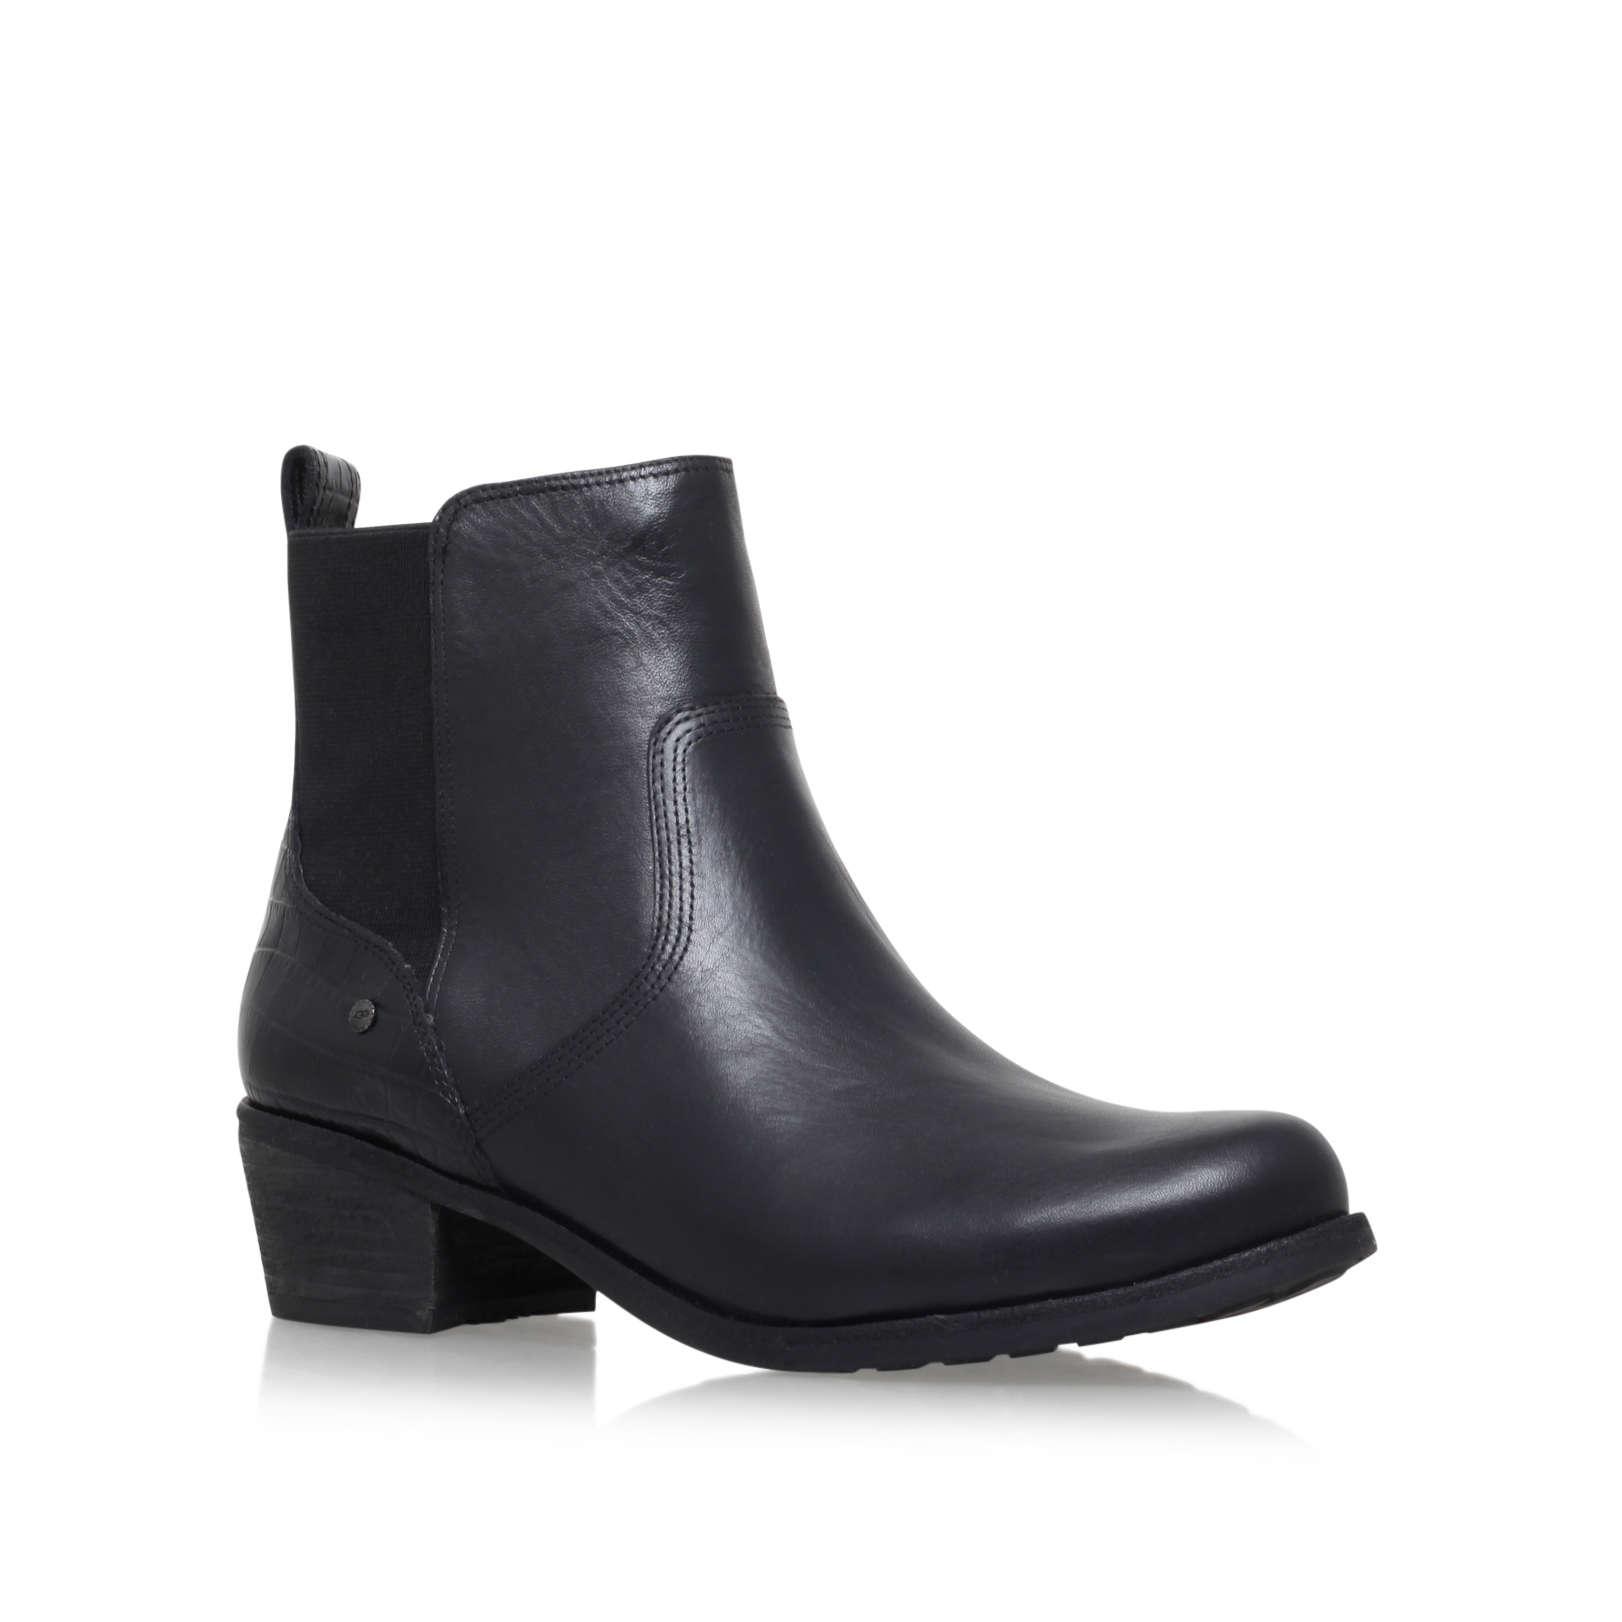 b7735f1098d Cheap Women's Ugg Boots & Slippers | Tall, Short & Bailey | Shoeaholics